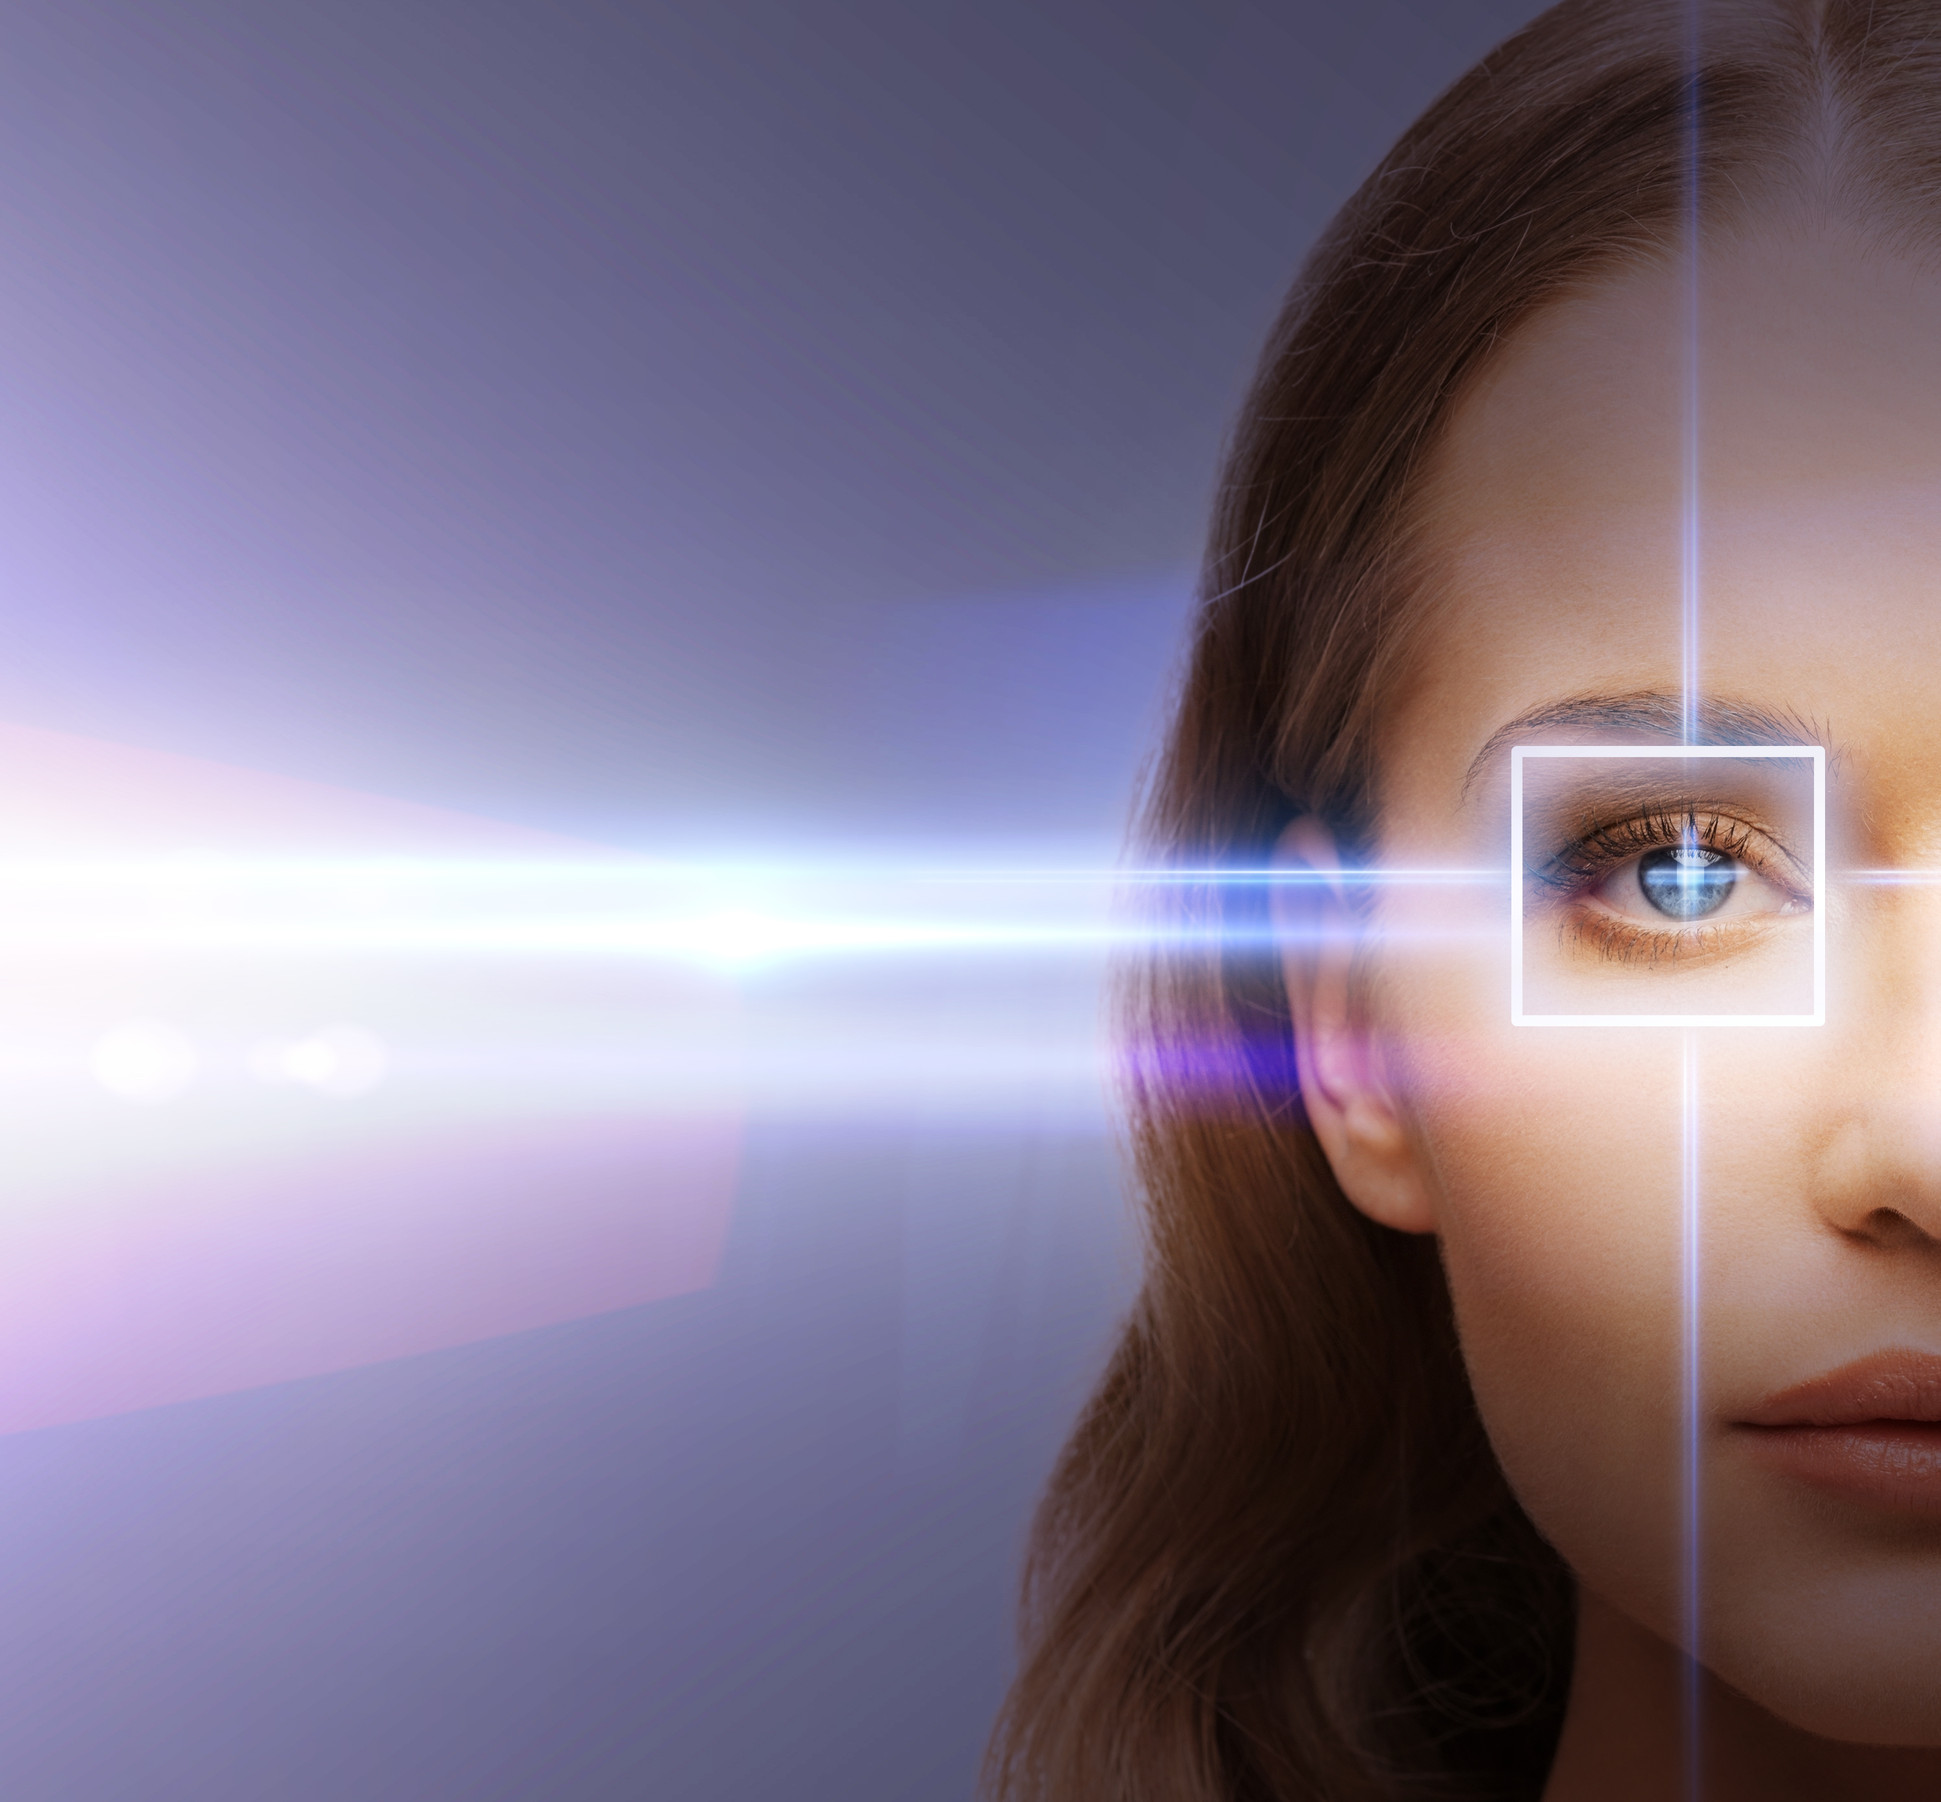 b9b893875 Il laser per correggere i disturbi della vista: come funziona questa  tecnica e quando è indicata? : Video - Oculistica     Pazienti.it